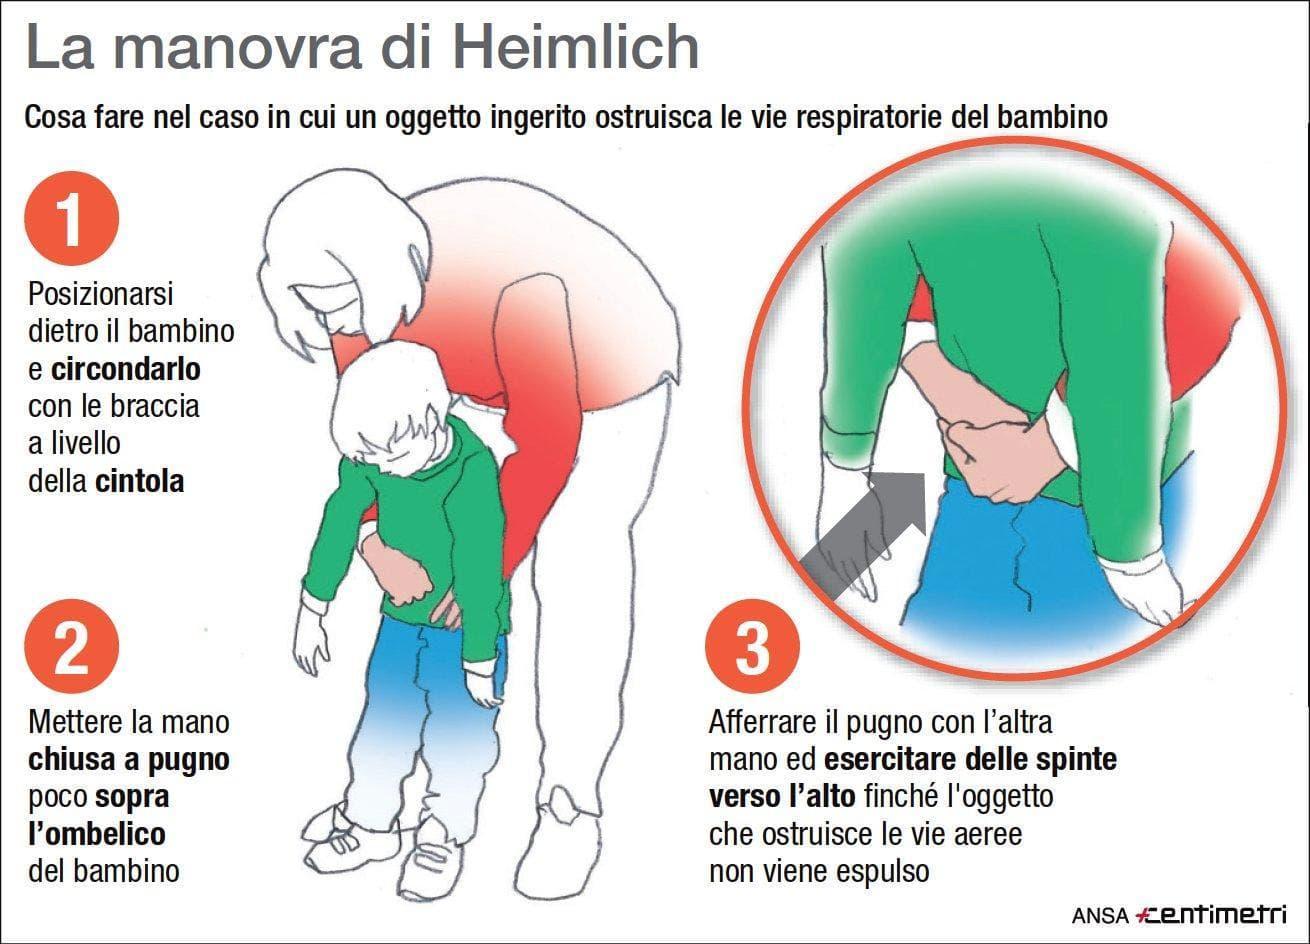 manovra heimlich ansa-2